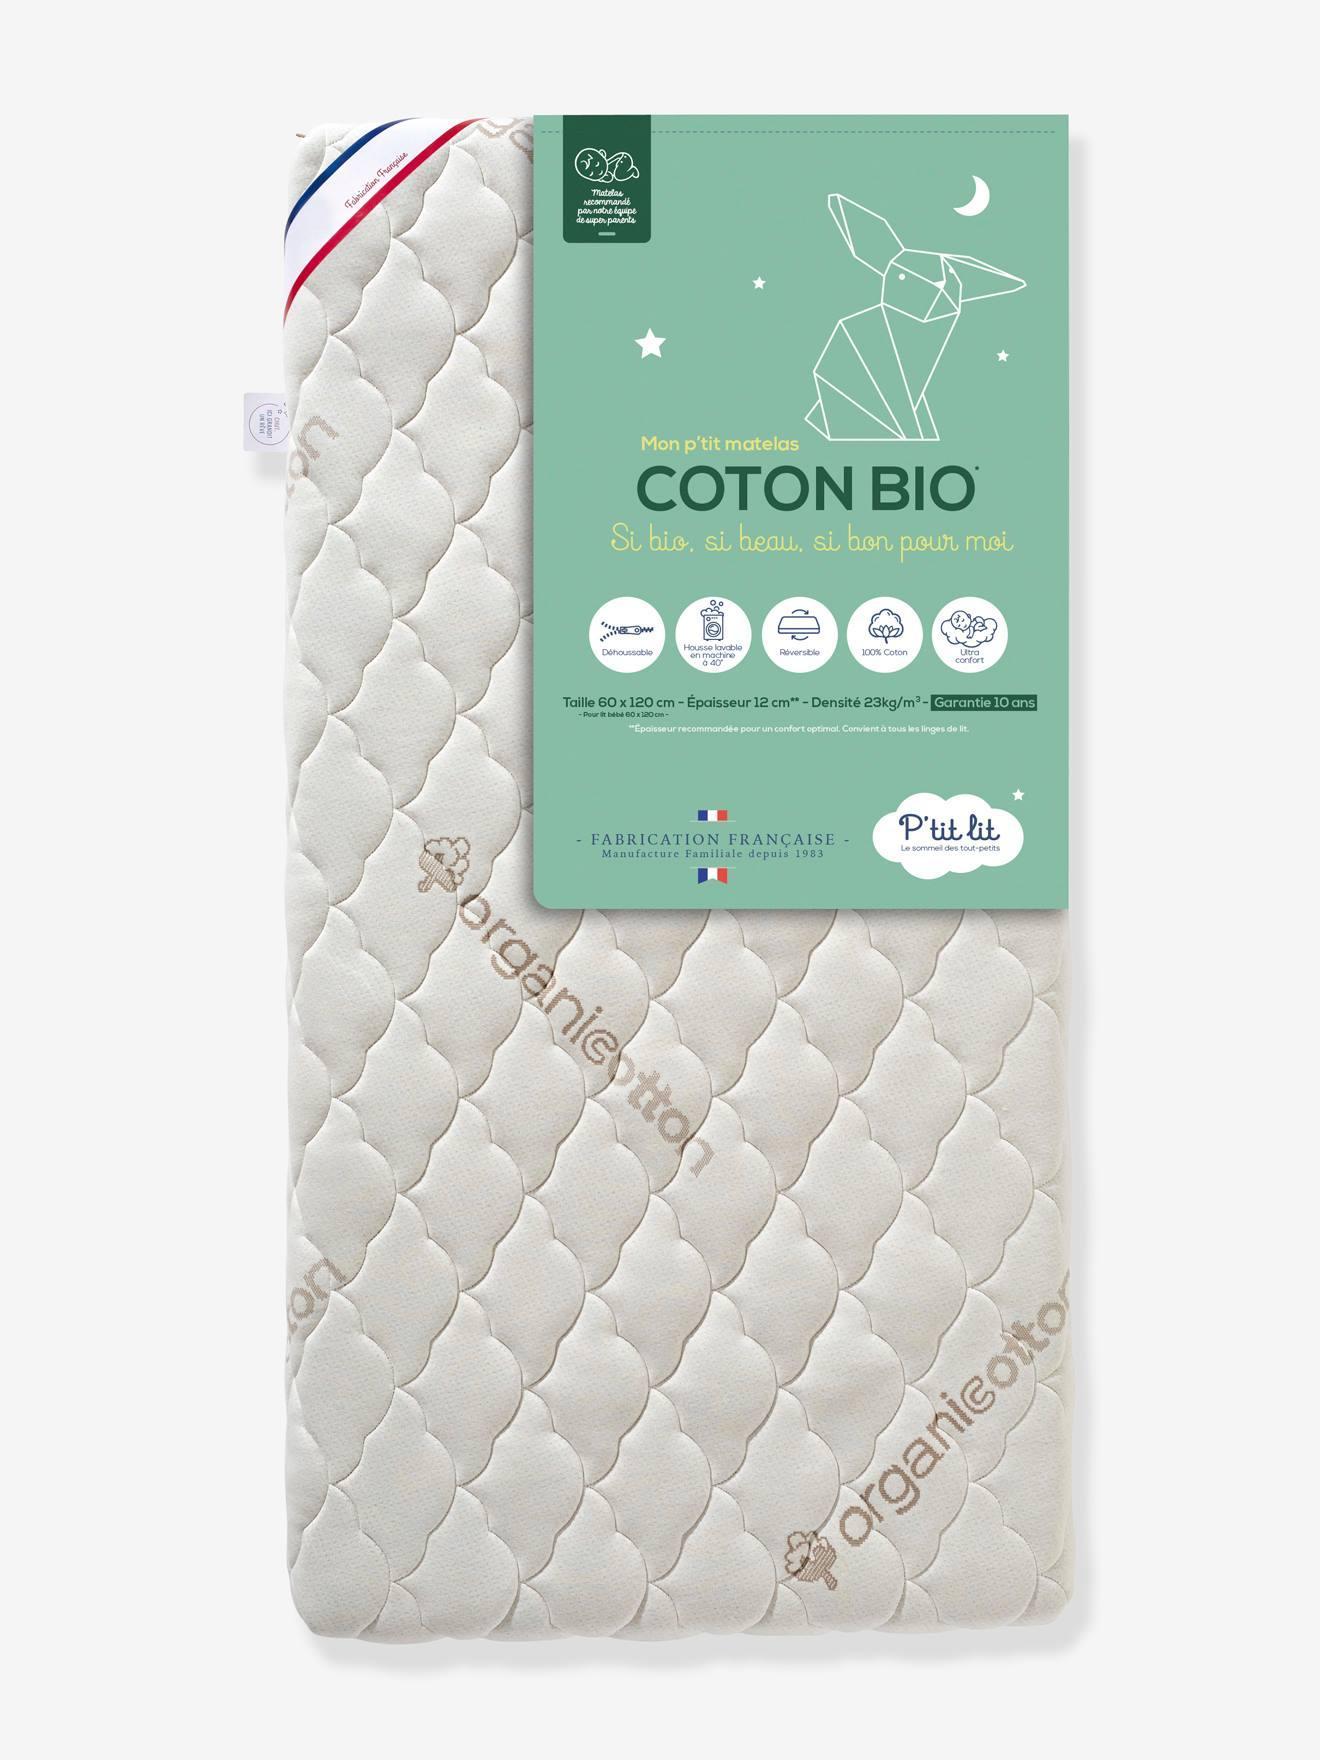 """Baby Matratze mit Bio-Baumwolle """"Coton Bio"""" P'TIT LIT, 60 x 120 cm weiß Gr. 60x120"""